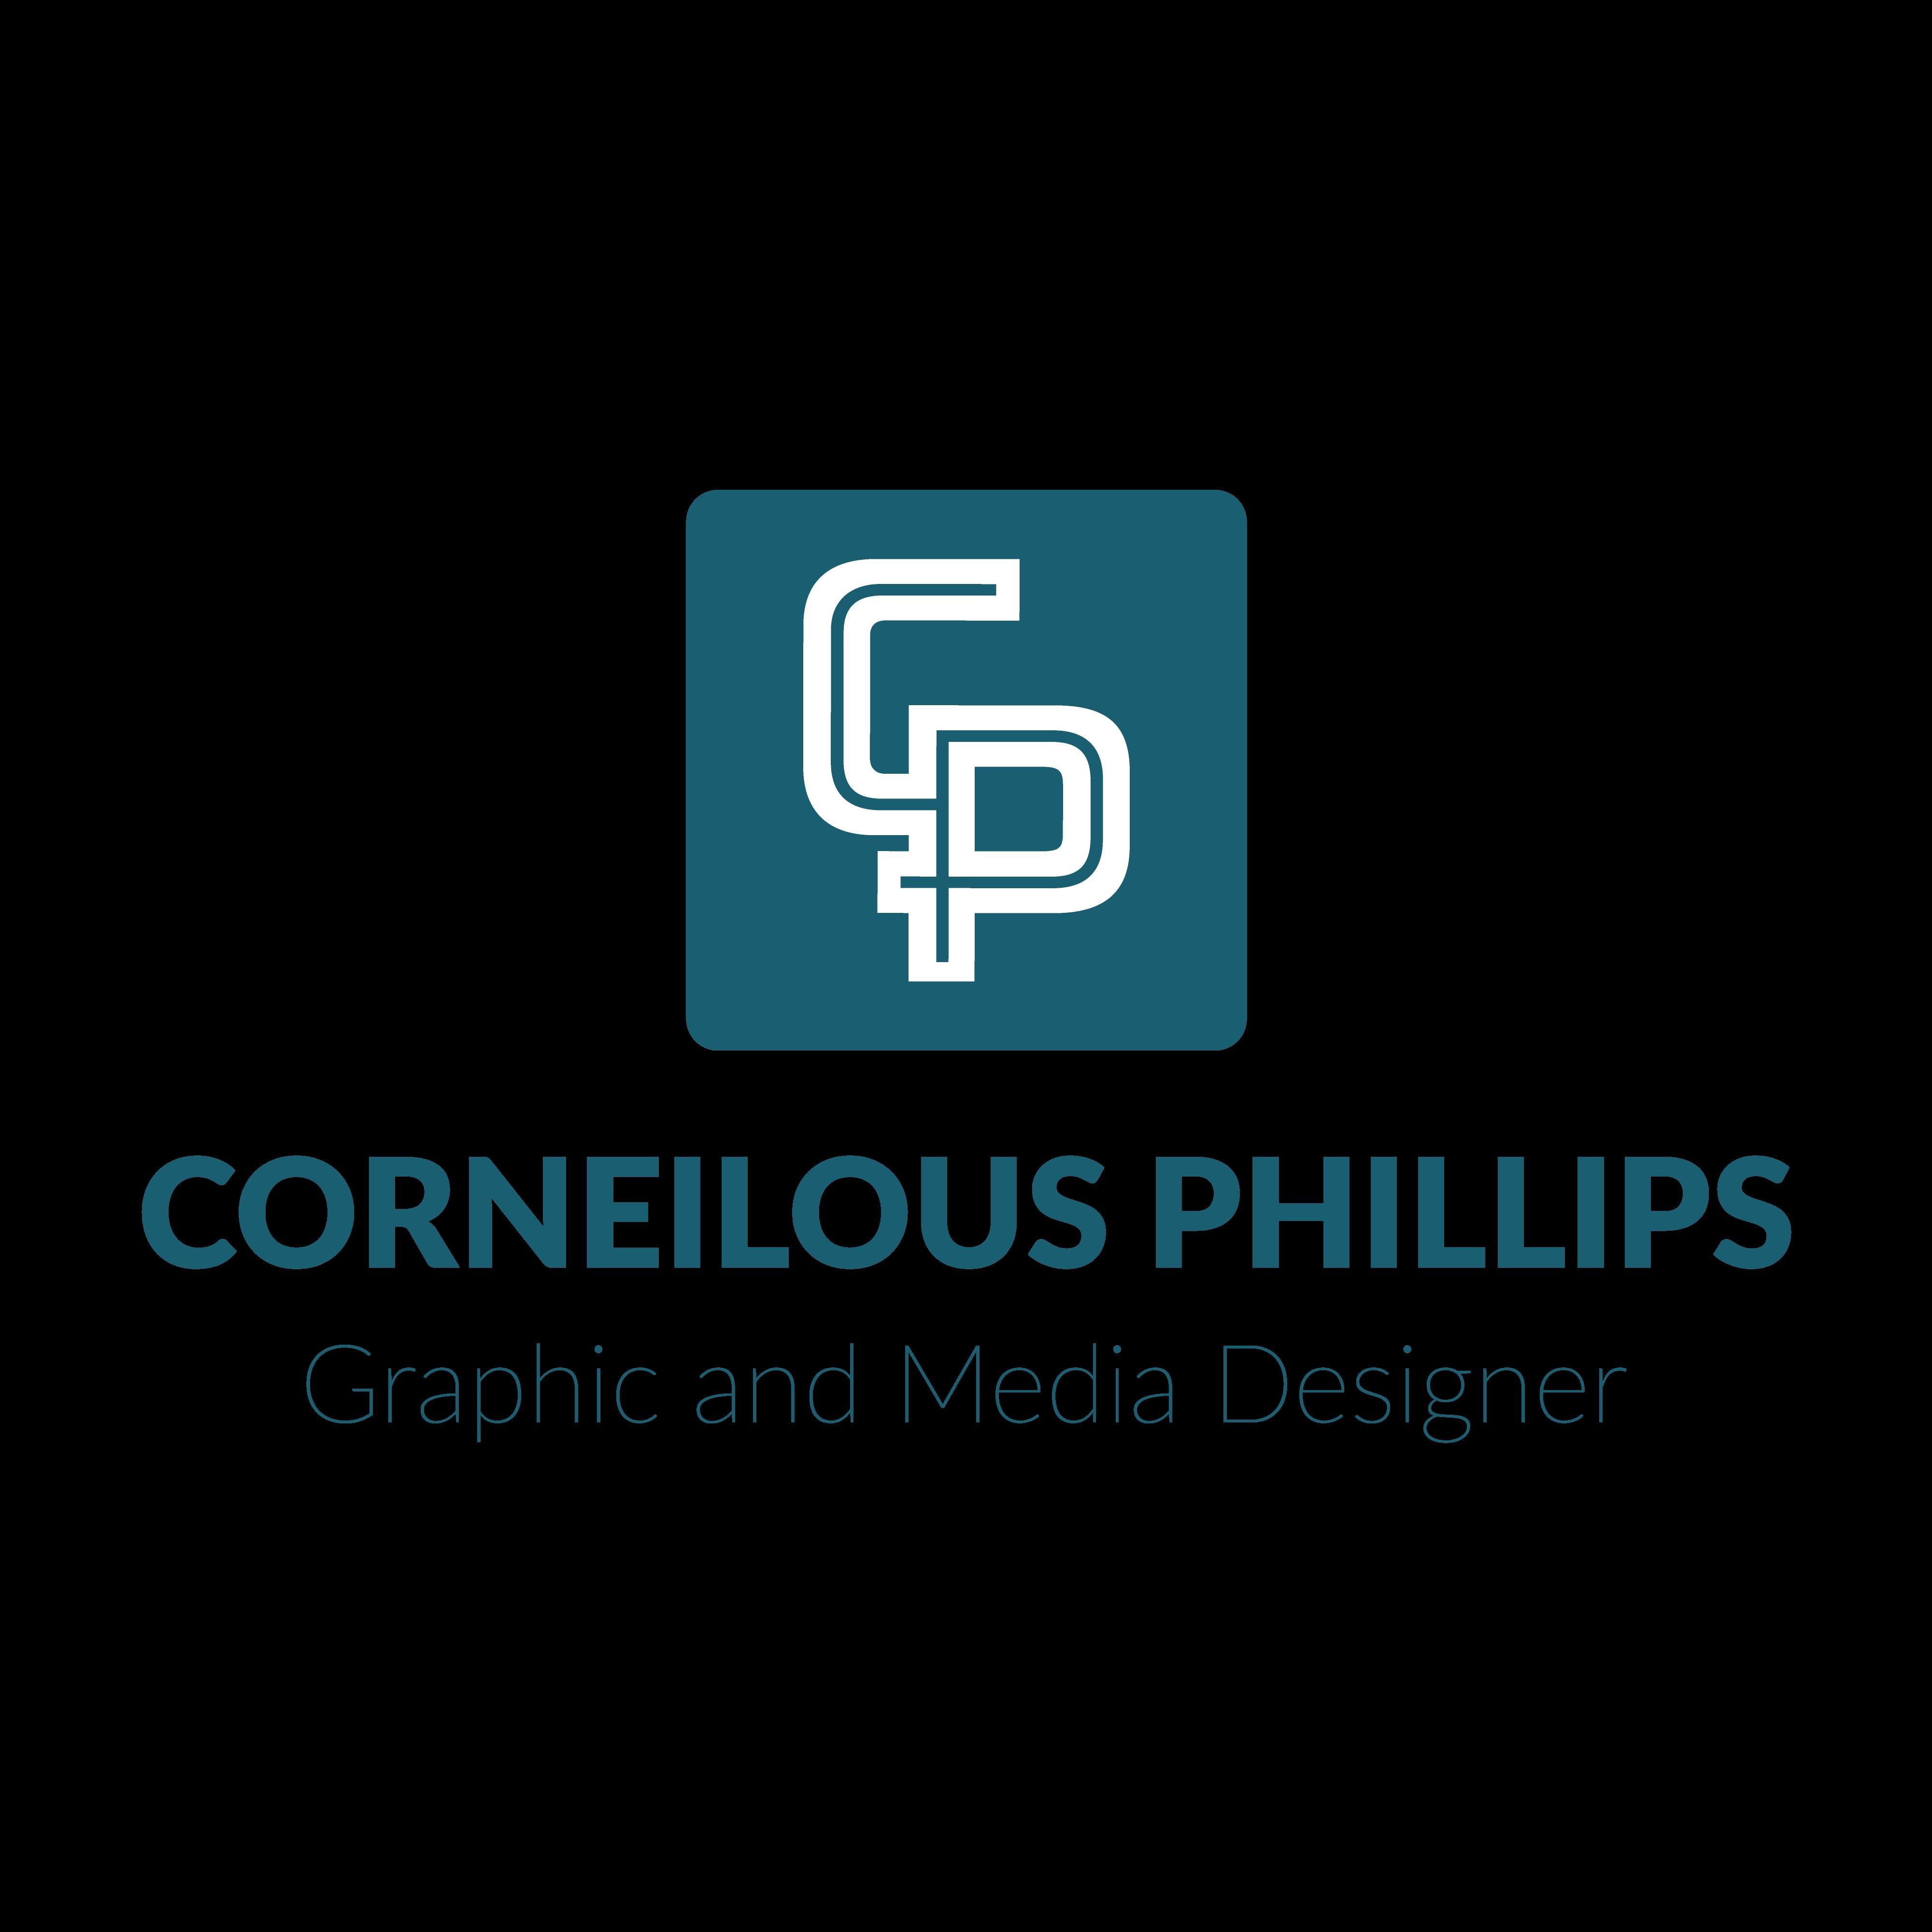 Corneilous Phillips